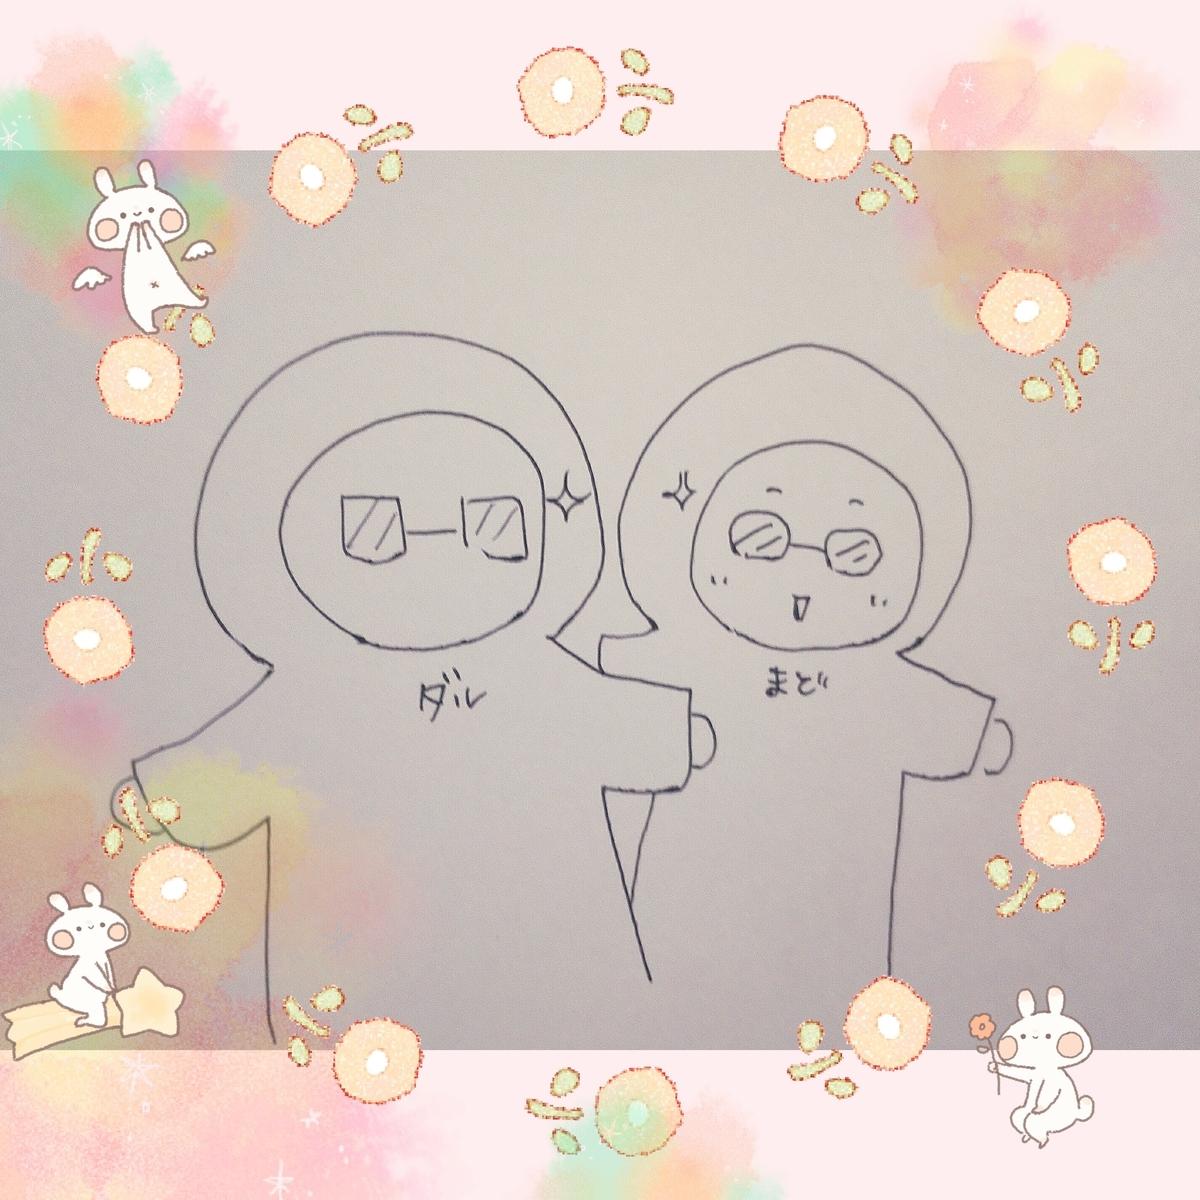 f:id:oyamadoka:20190802013459j:plain